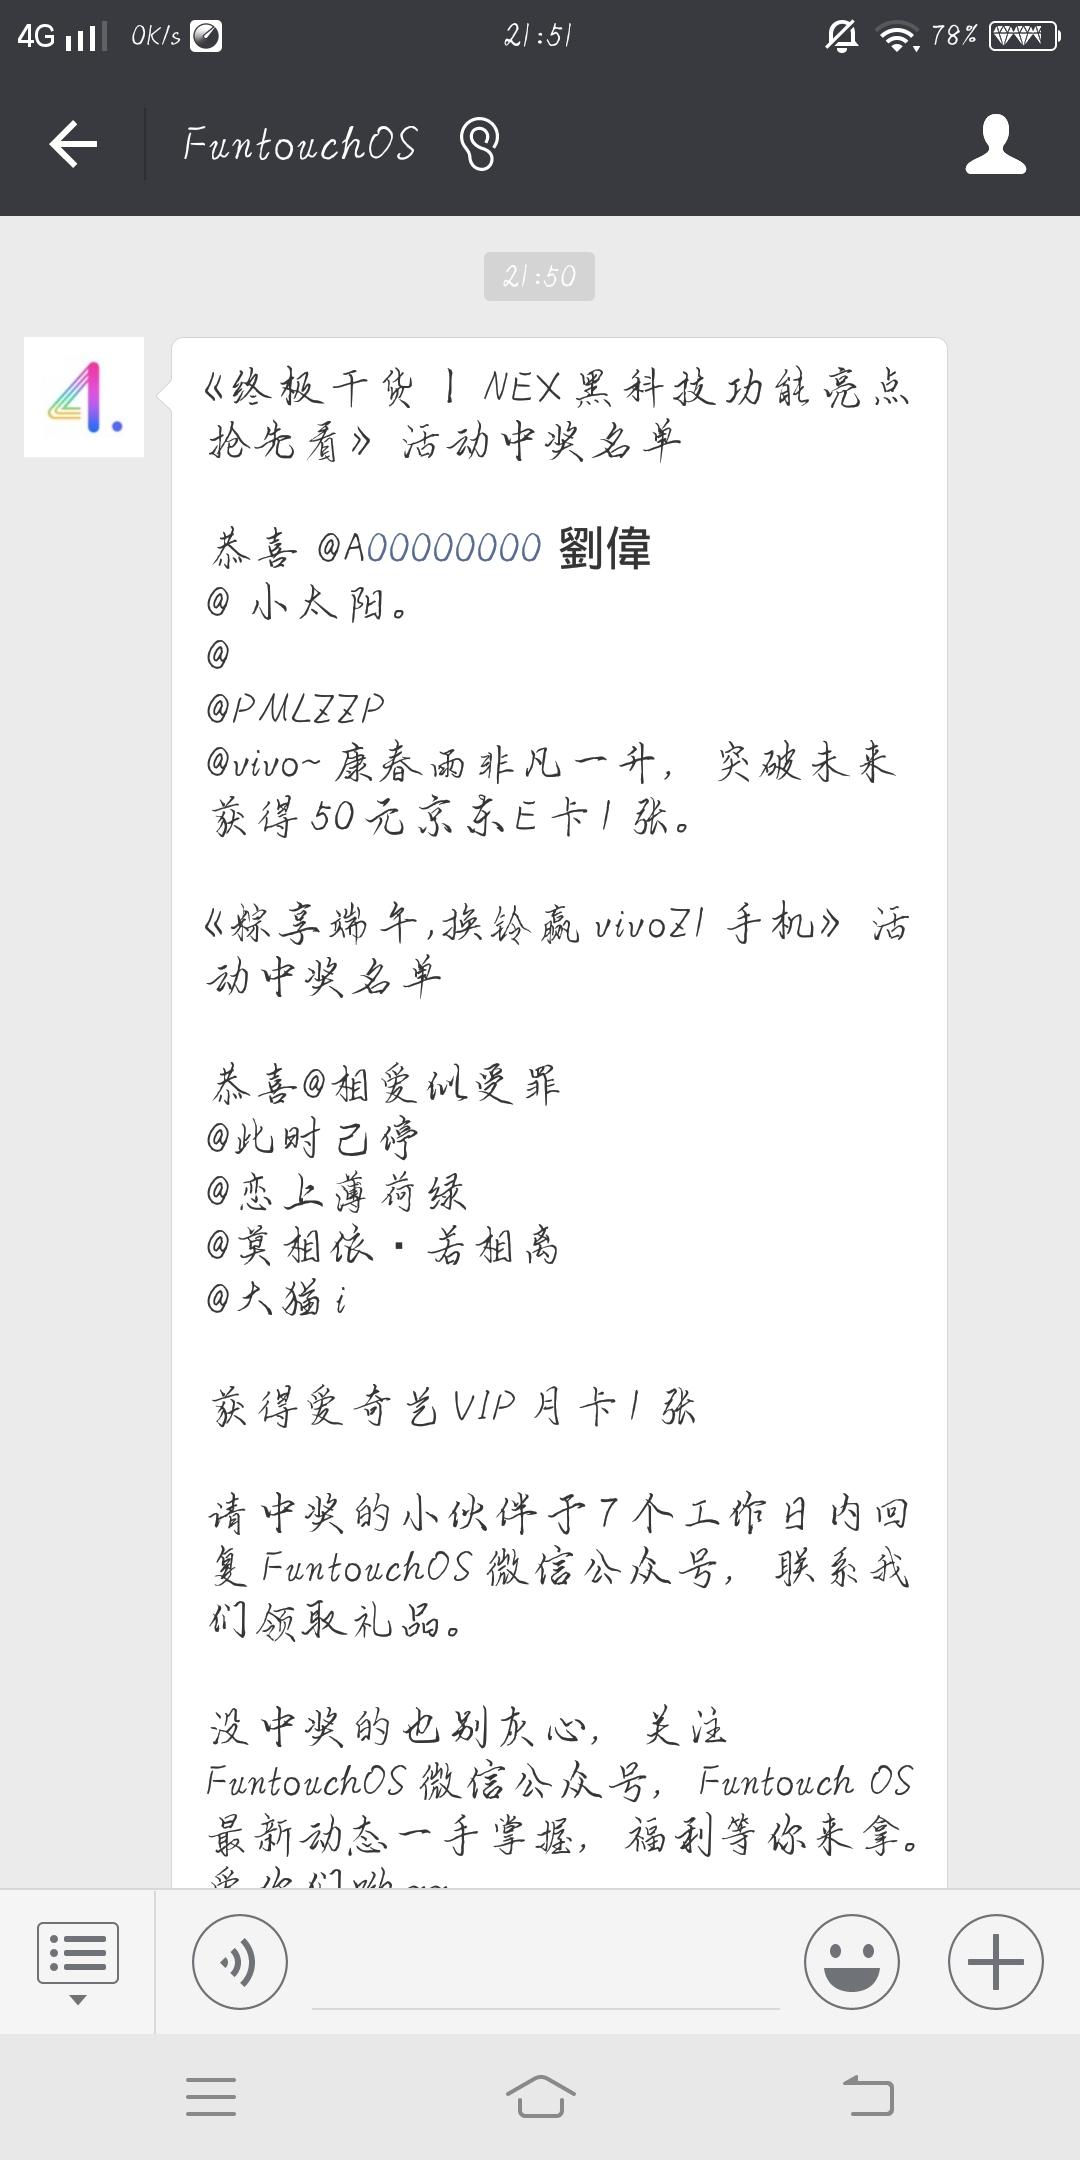 Screenshot_20180621_215113.jpg